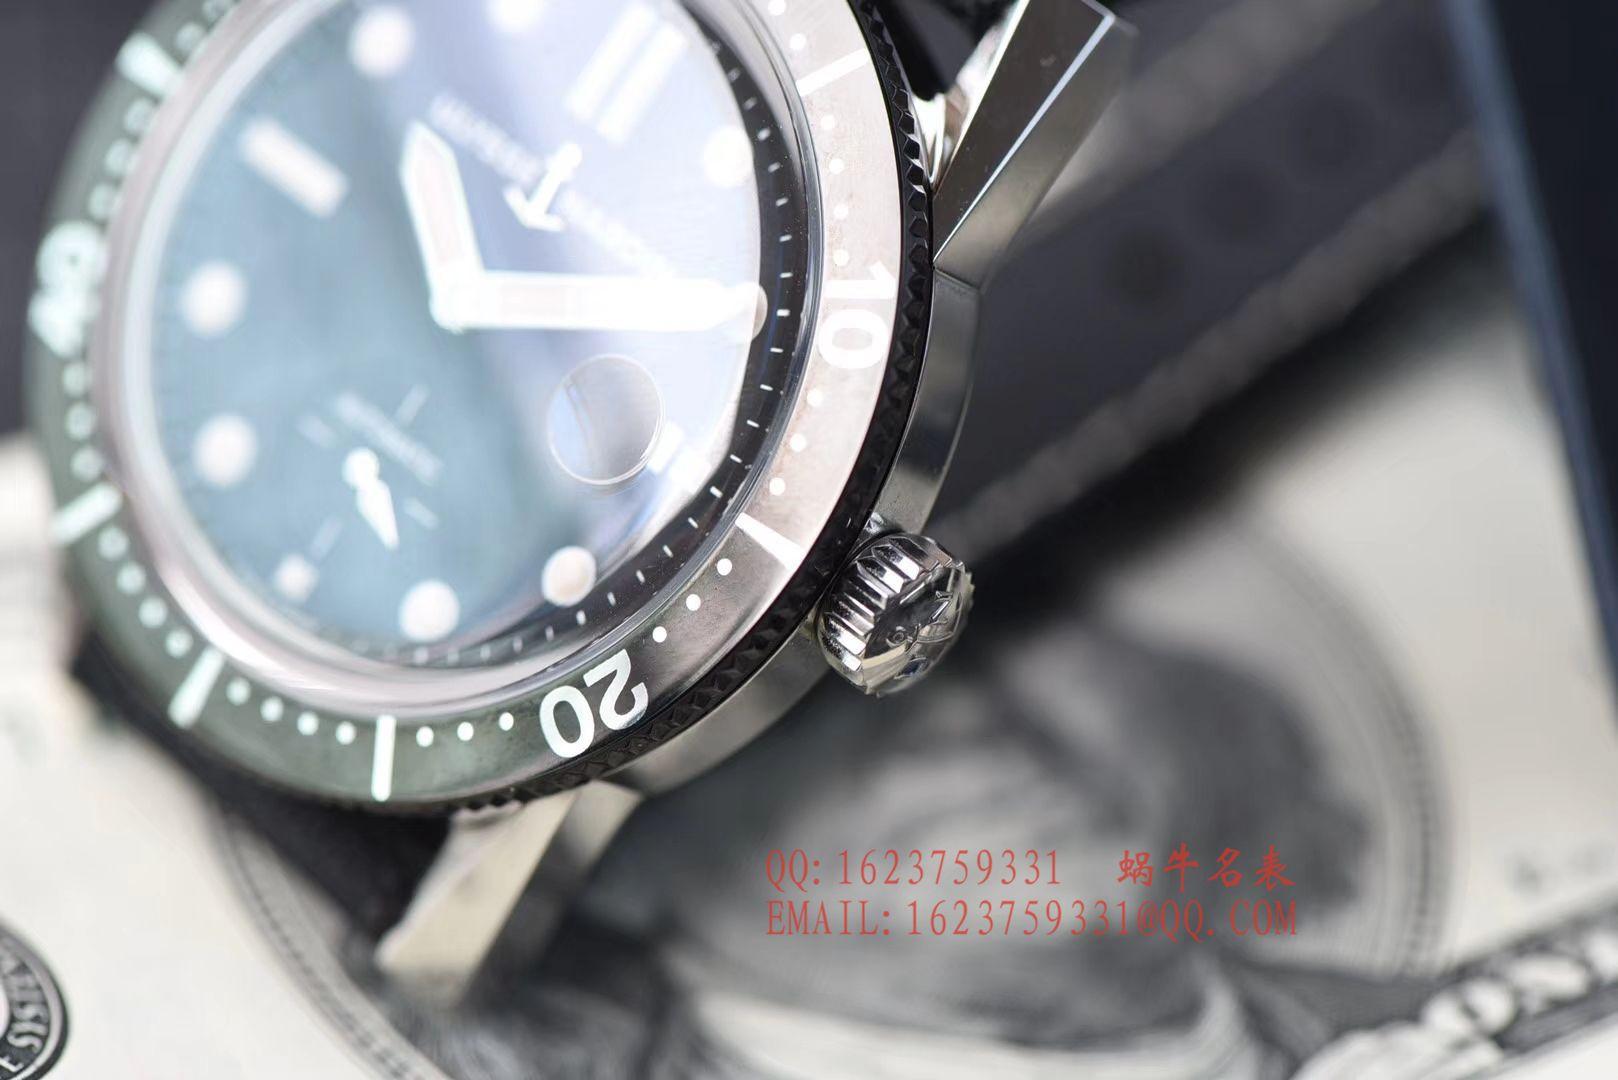 视频评测一比一超A高仿雅典表Ulysse Nardin Diver潜水表系列Le Locle 勒洛克潜水腕表3203-950